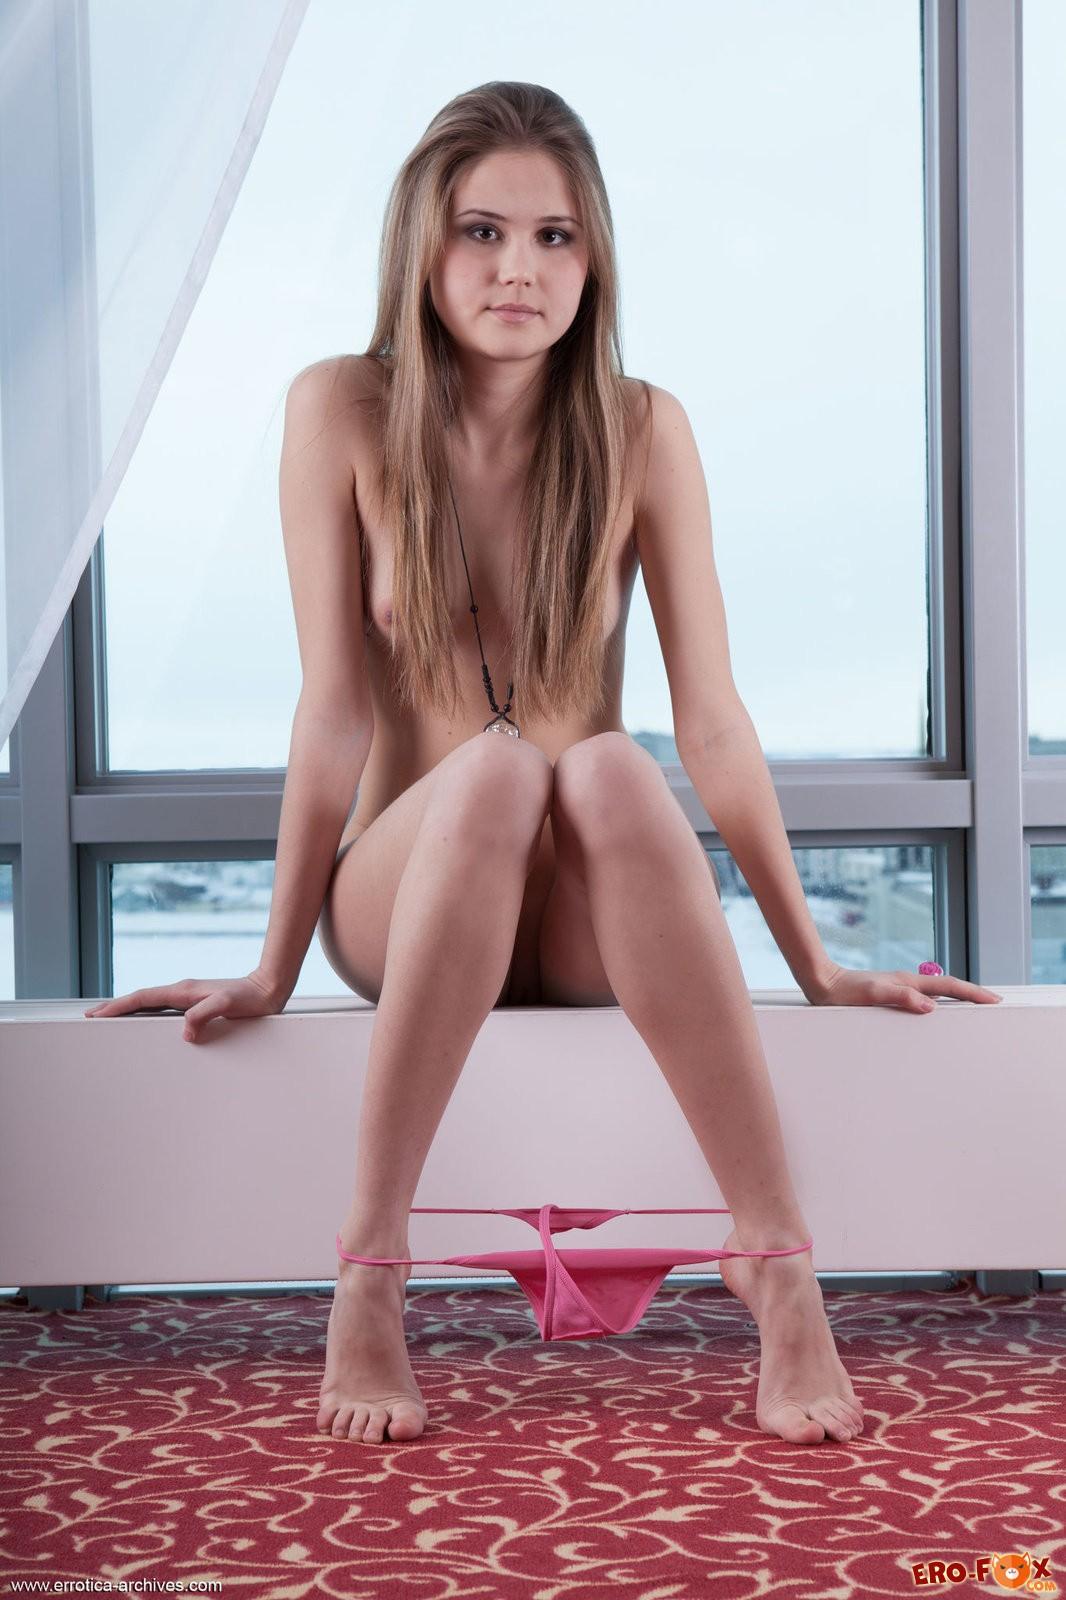 Русская девушка раздевается на камеру до гола .